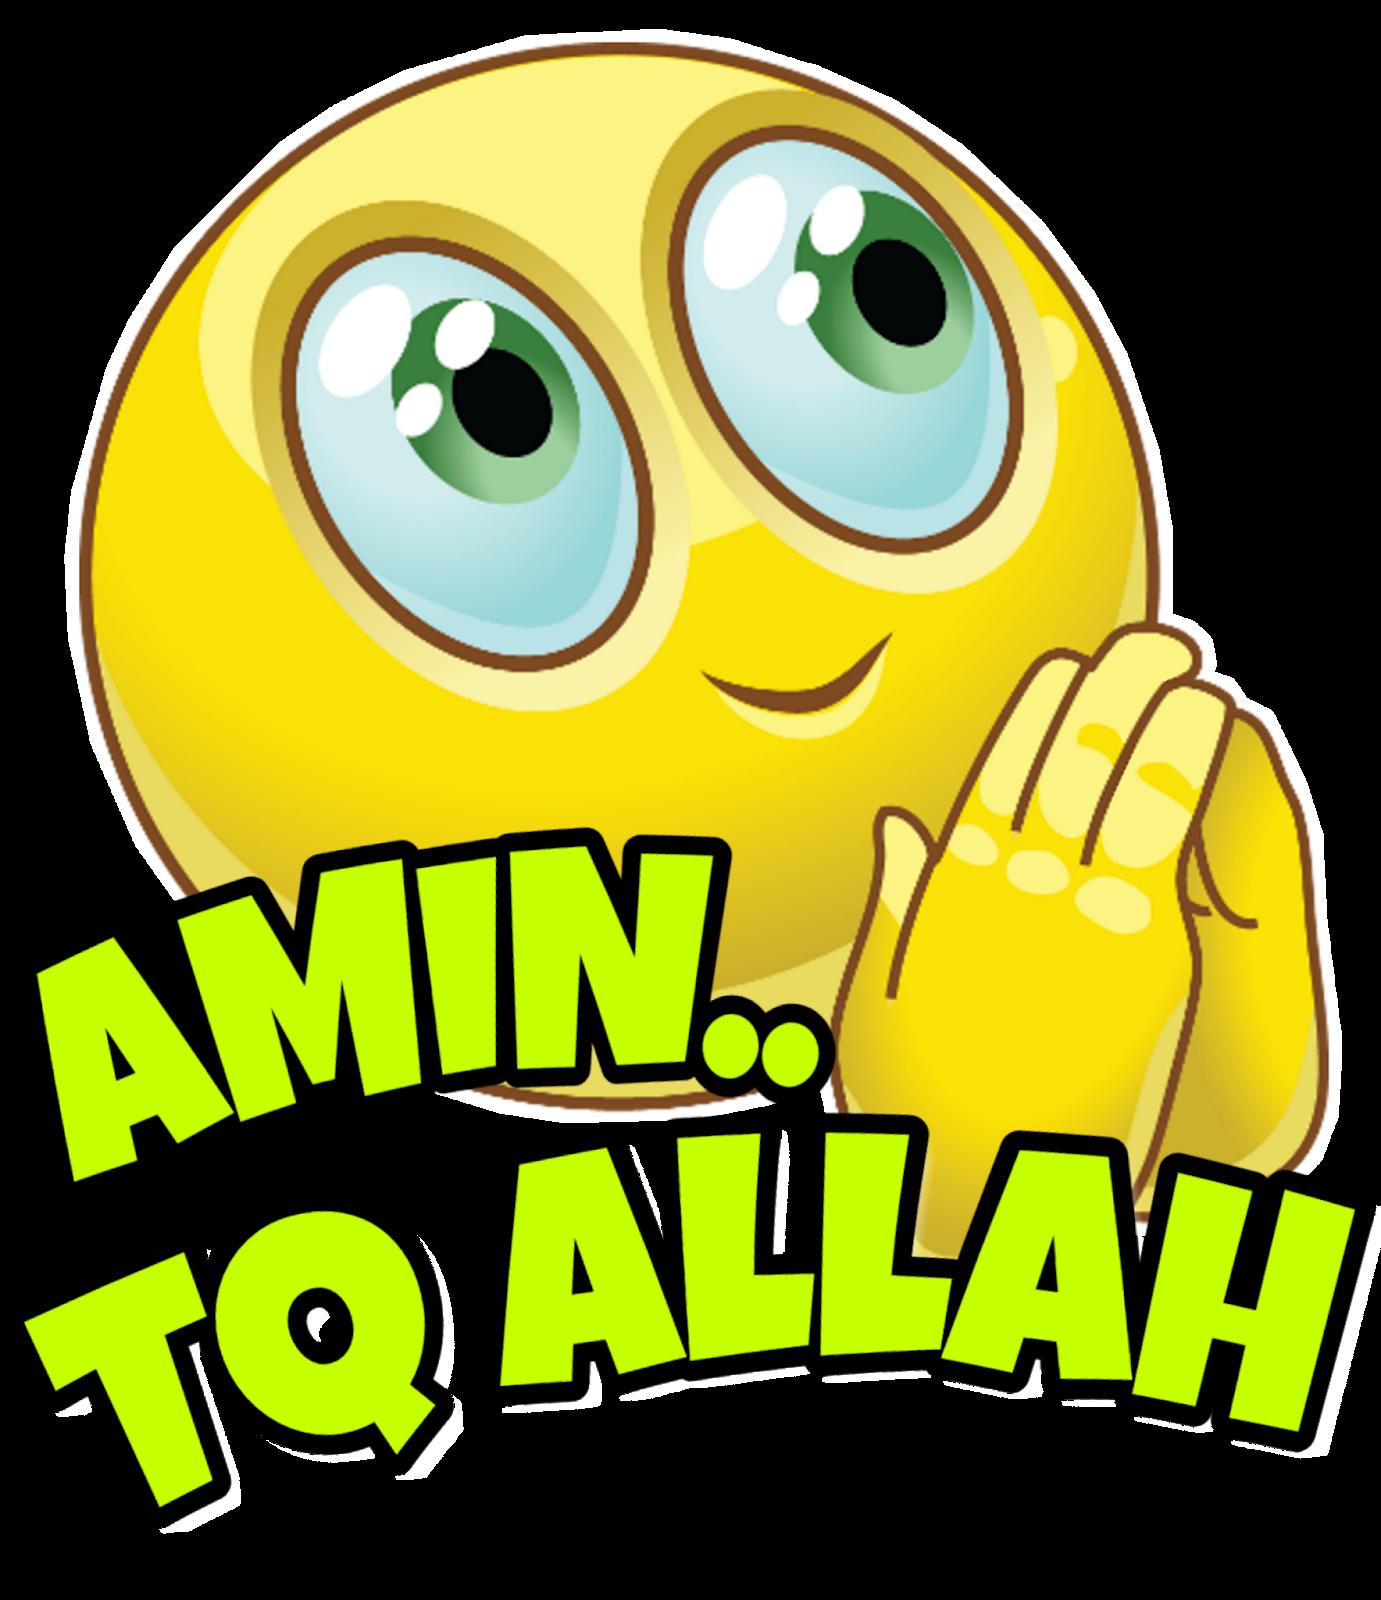 3000+ Gambar Emoticon Amin HD Gratis